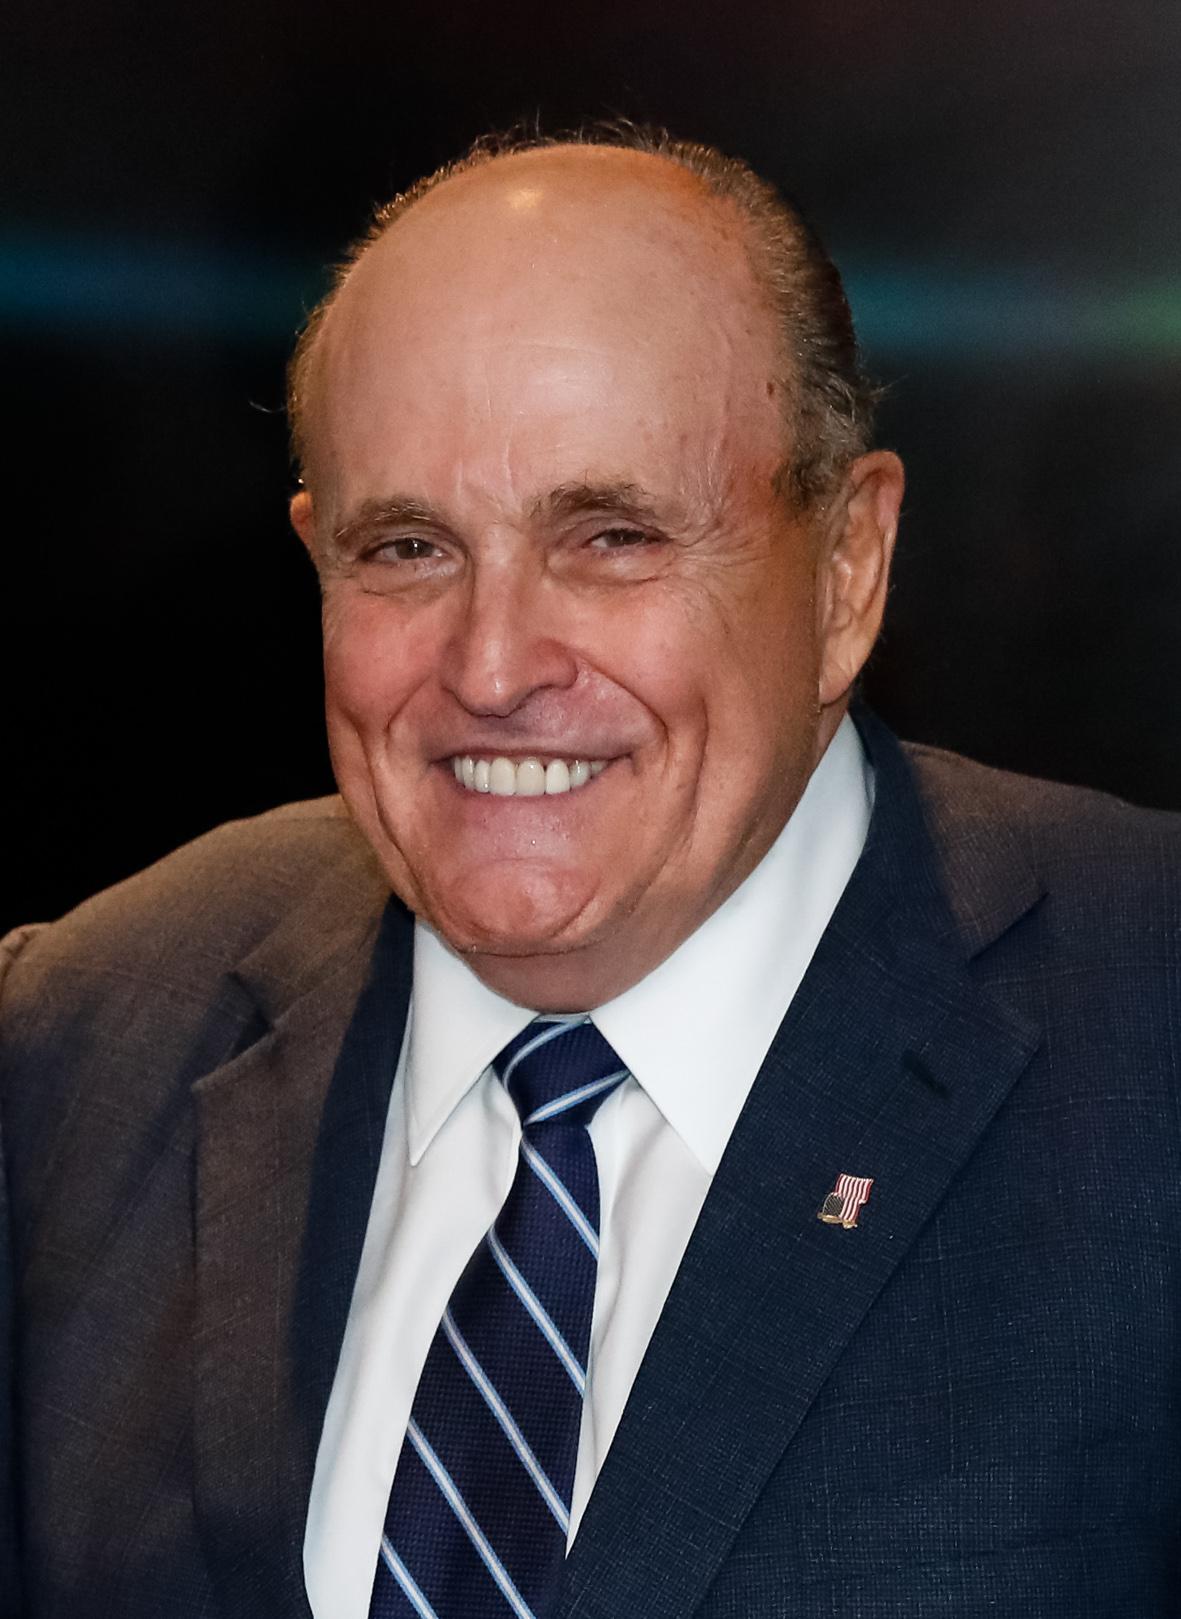 Giuliani Rudy - Wikipedia